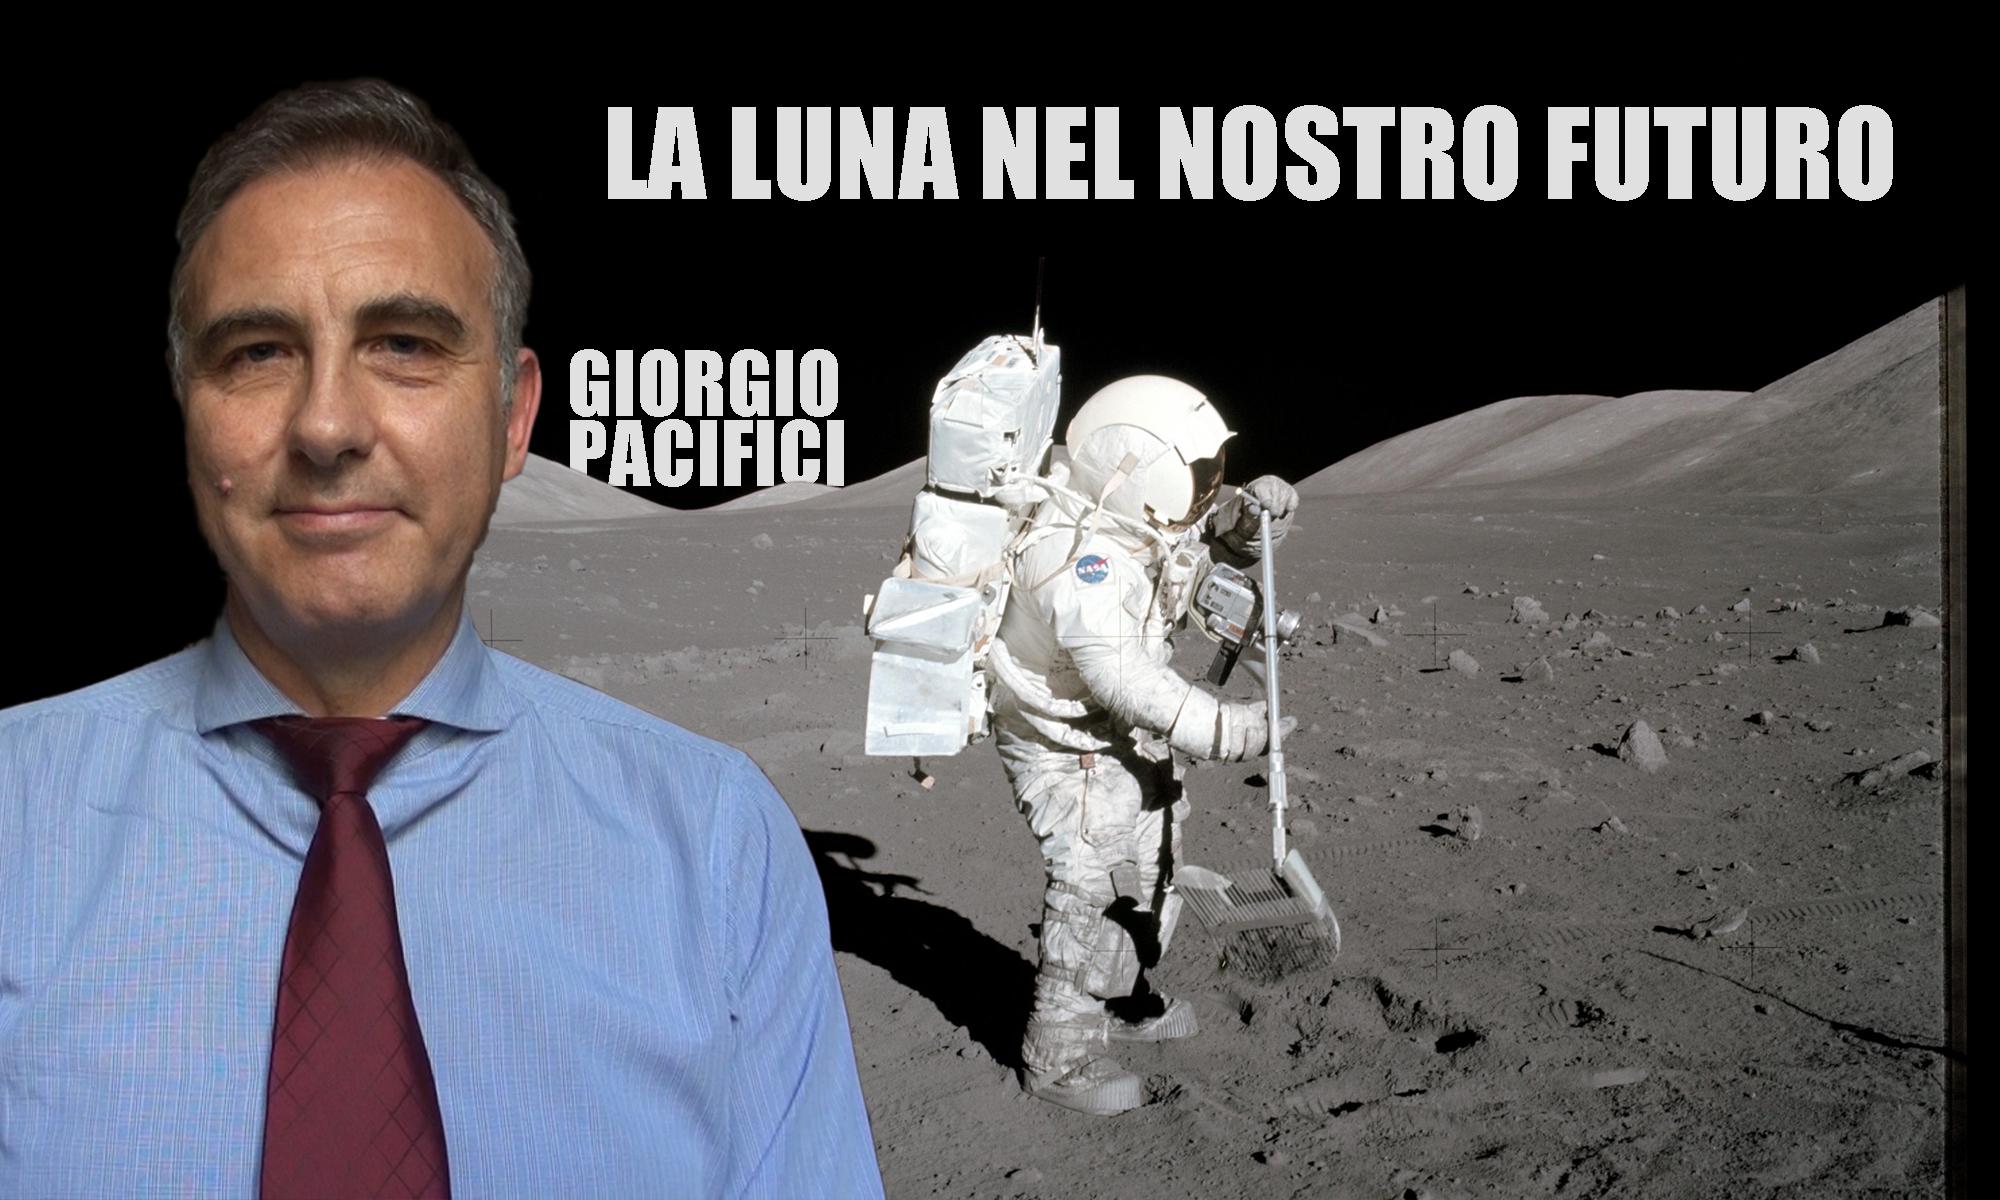 La Luna nel nostro futuro